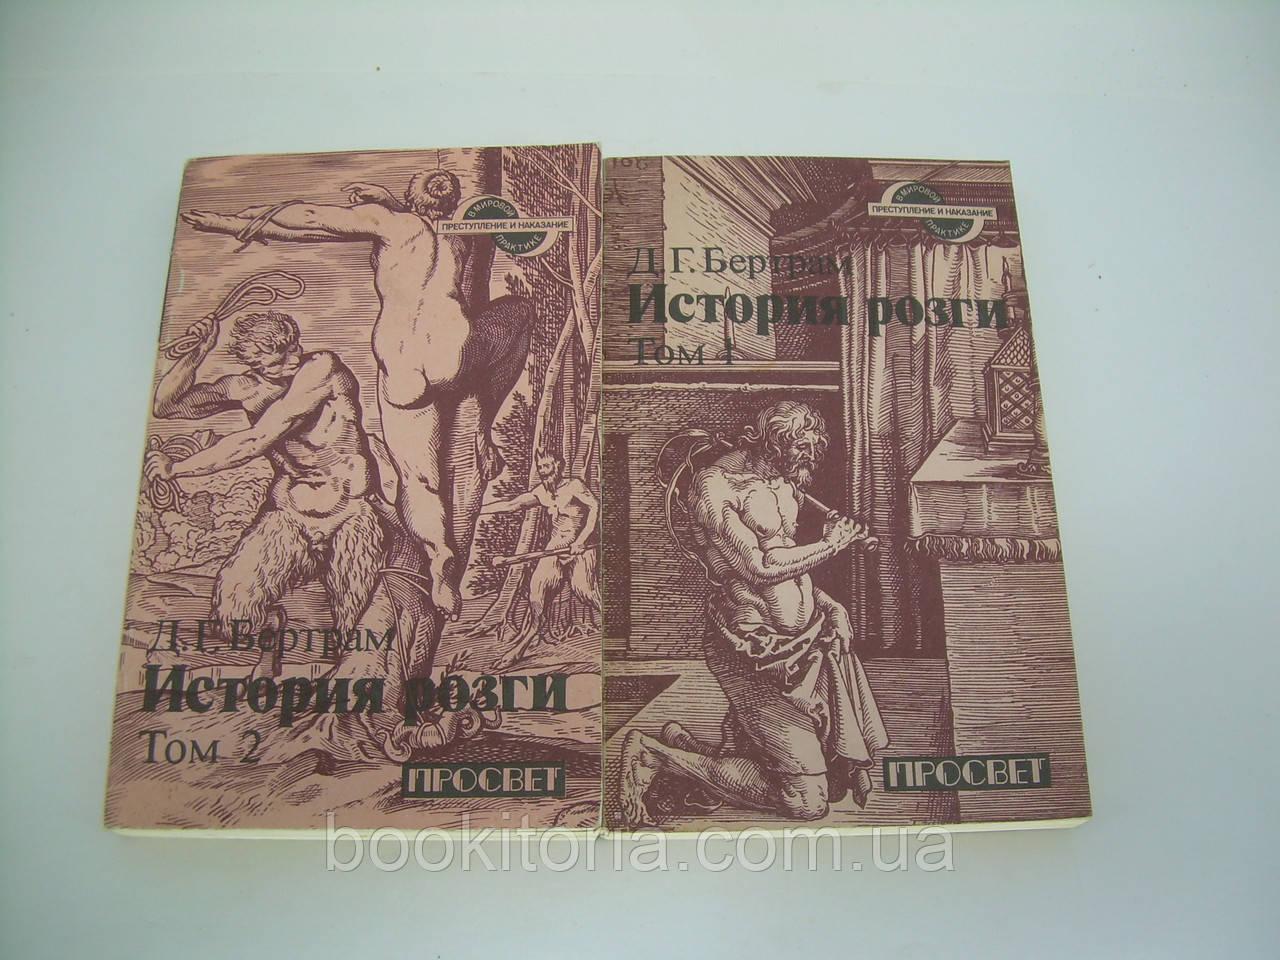 Бертрам Д.Г. История розги. В двух томах (б/у).